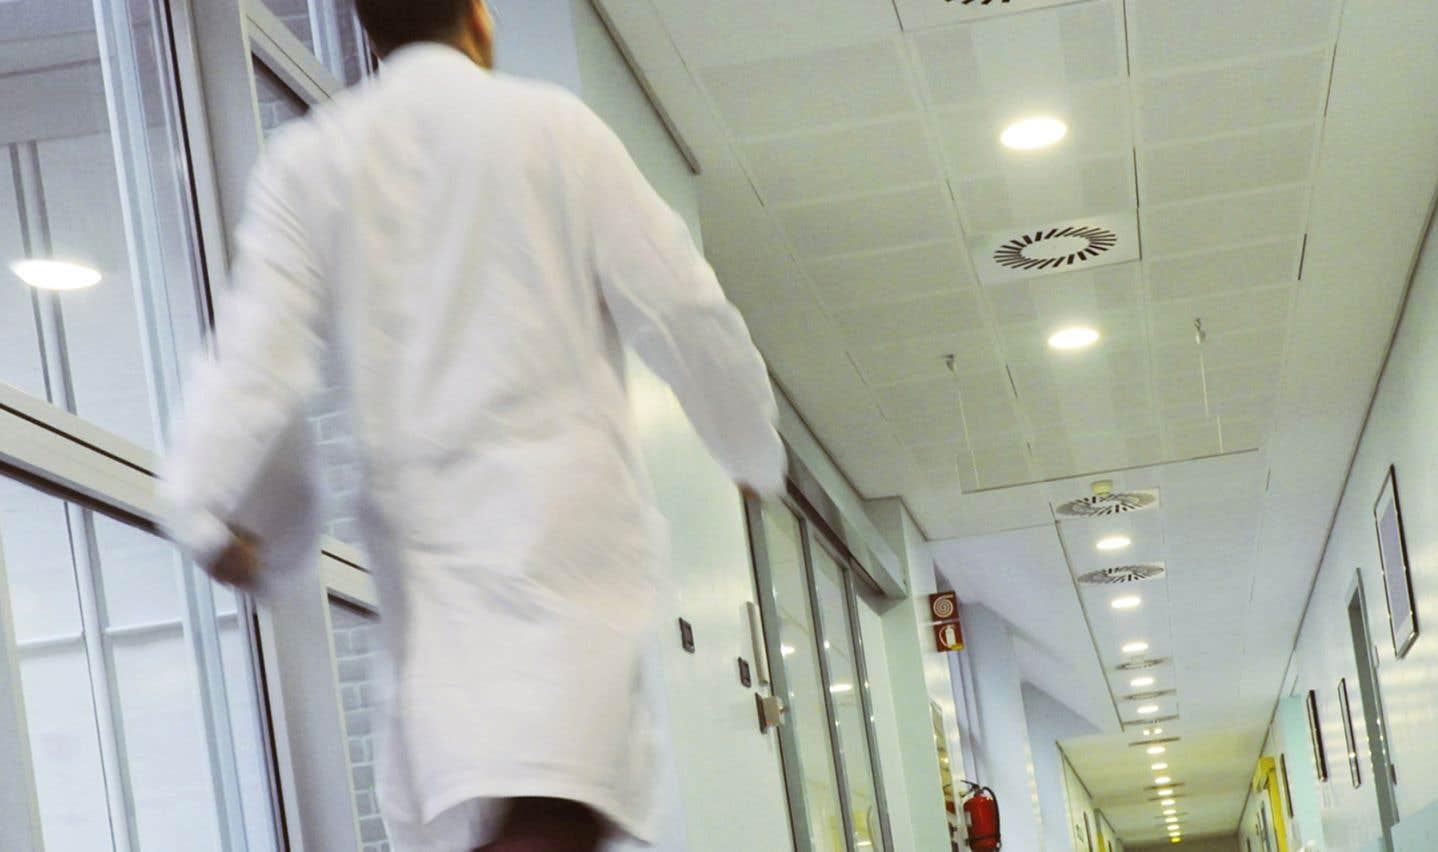 Plusieurs associations chrétiennes de médecins, regroupant 4700 professionnels, s'étaient liguées pour contester en cour la validité constitutionnelle de règles du collège des médecins ontarien instaurant un mécanisme de référence obligatoire des patients demandant l'aide à mourir, en cas d'objection de conscience.